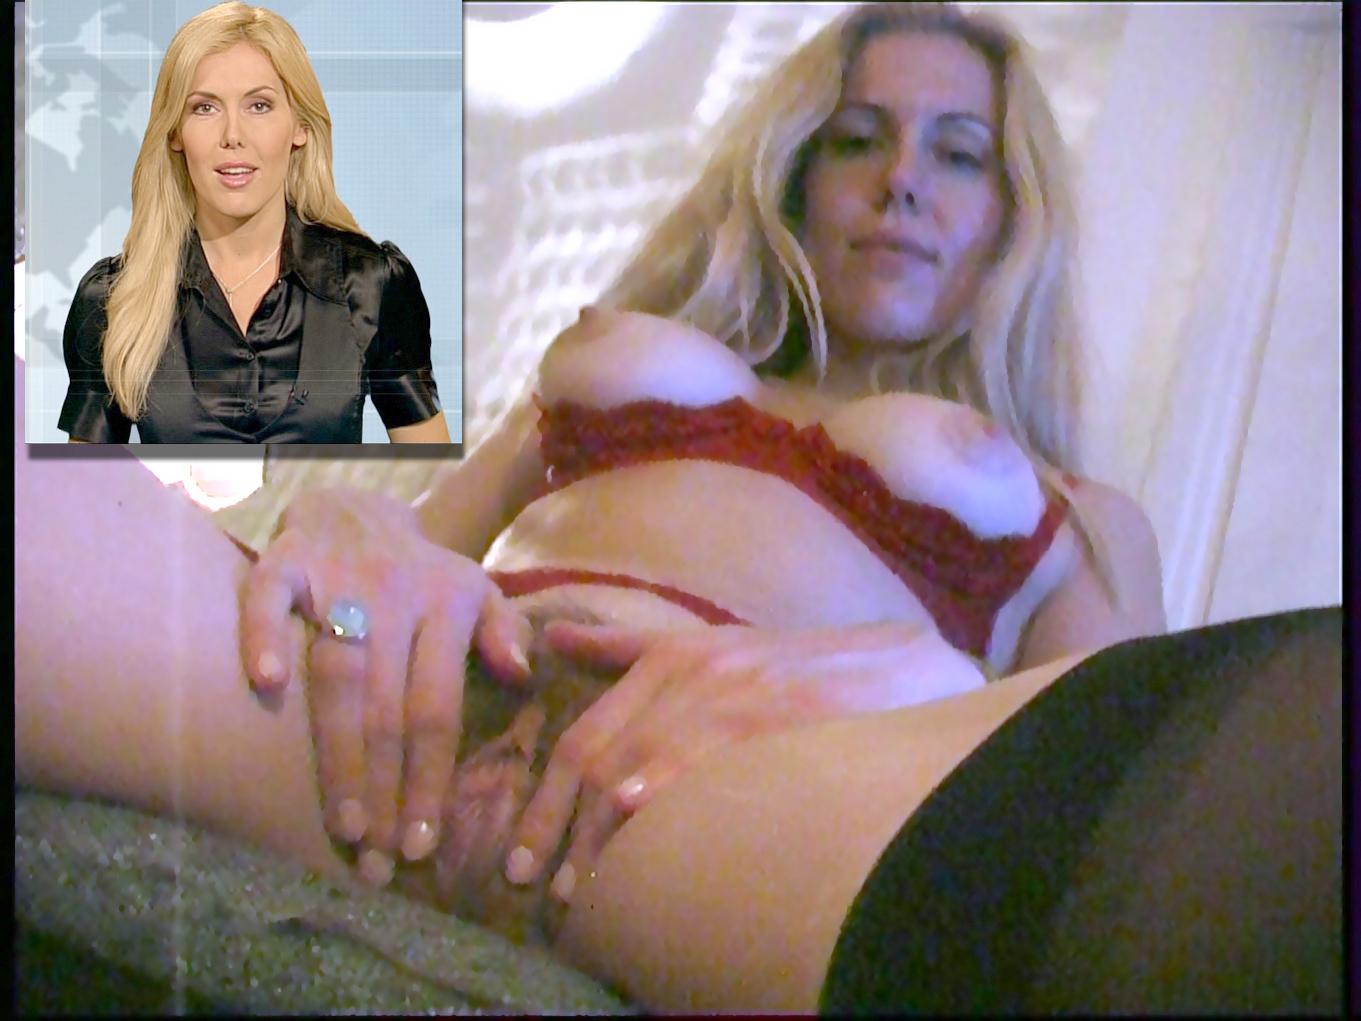 Foto di nudo del presentatore tedesco Alexandra Klim trapelate-8405